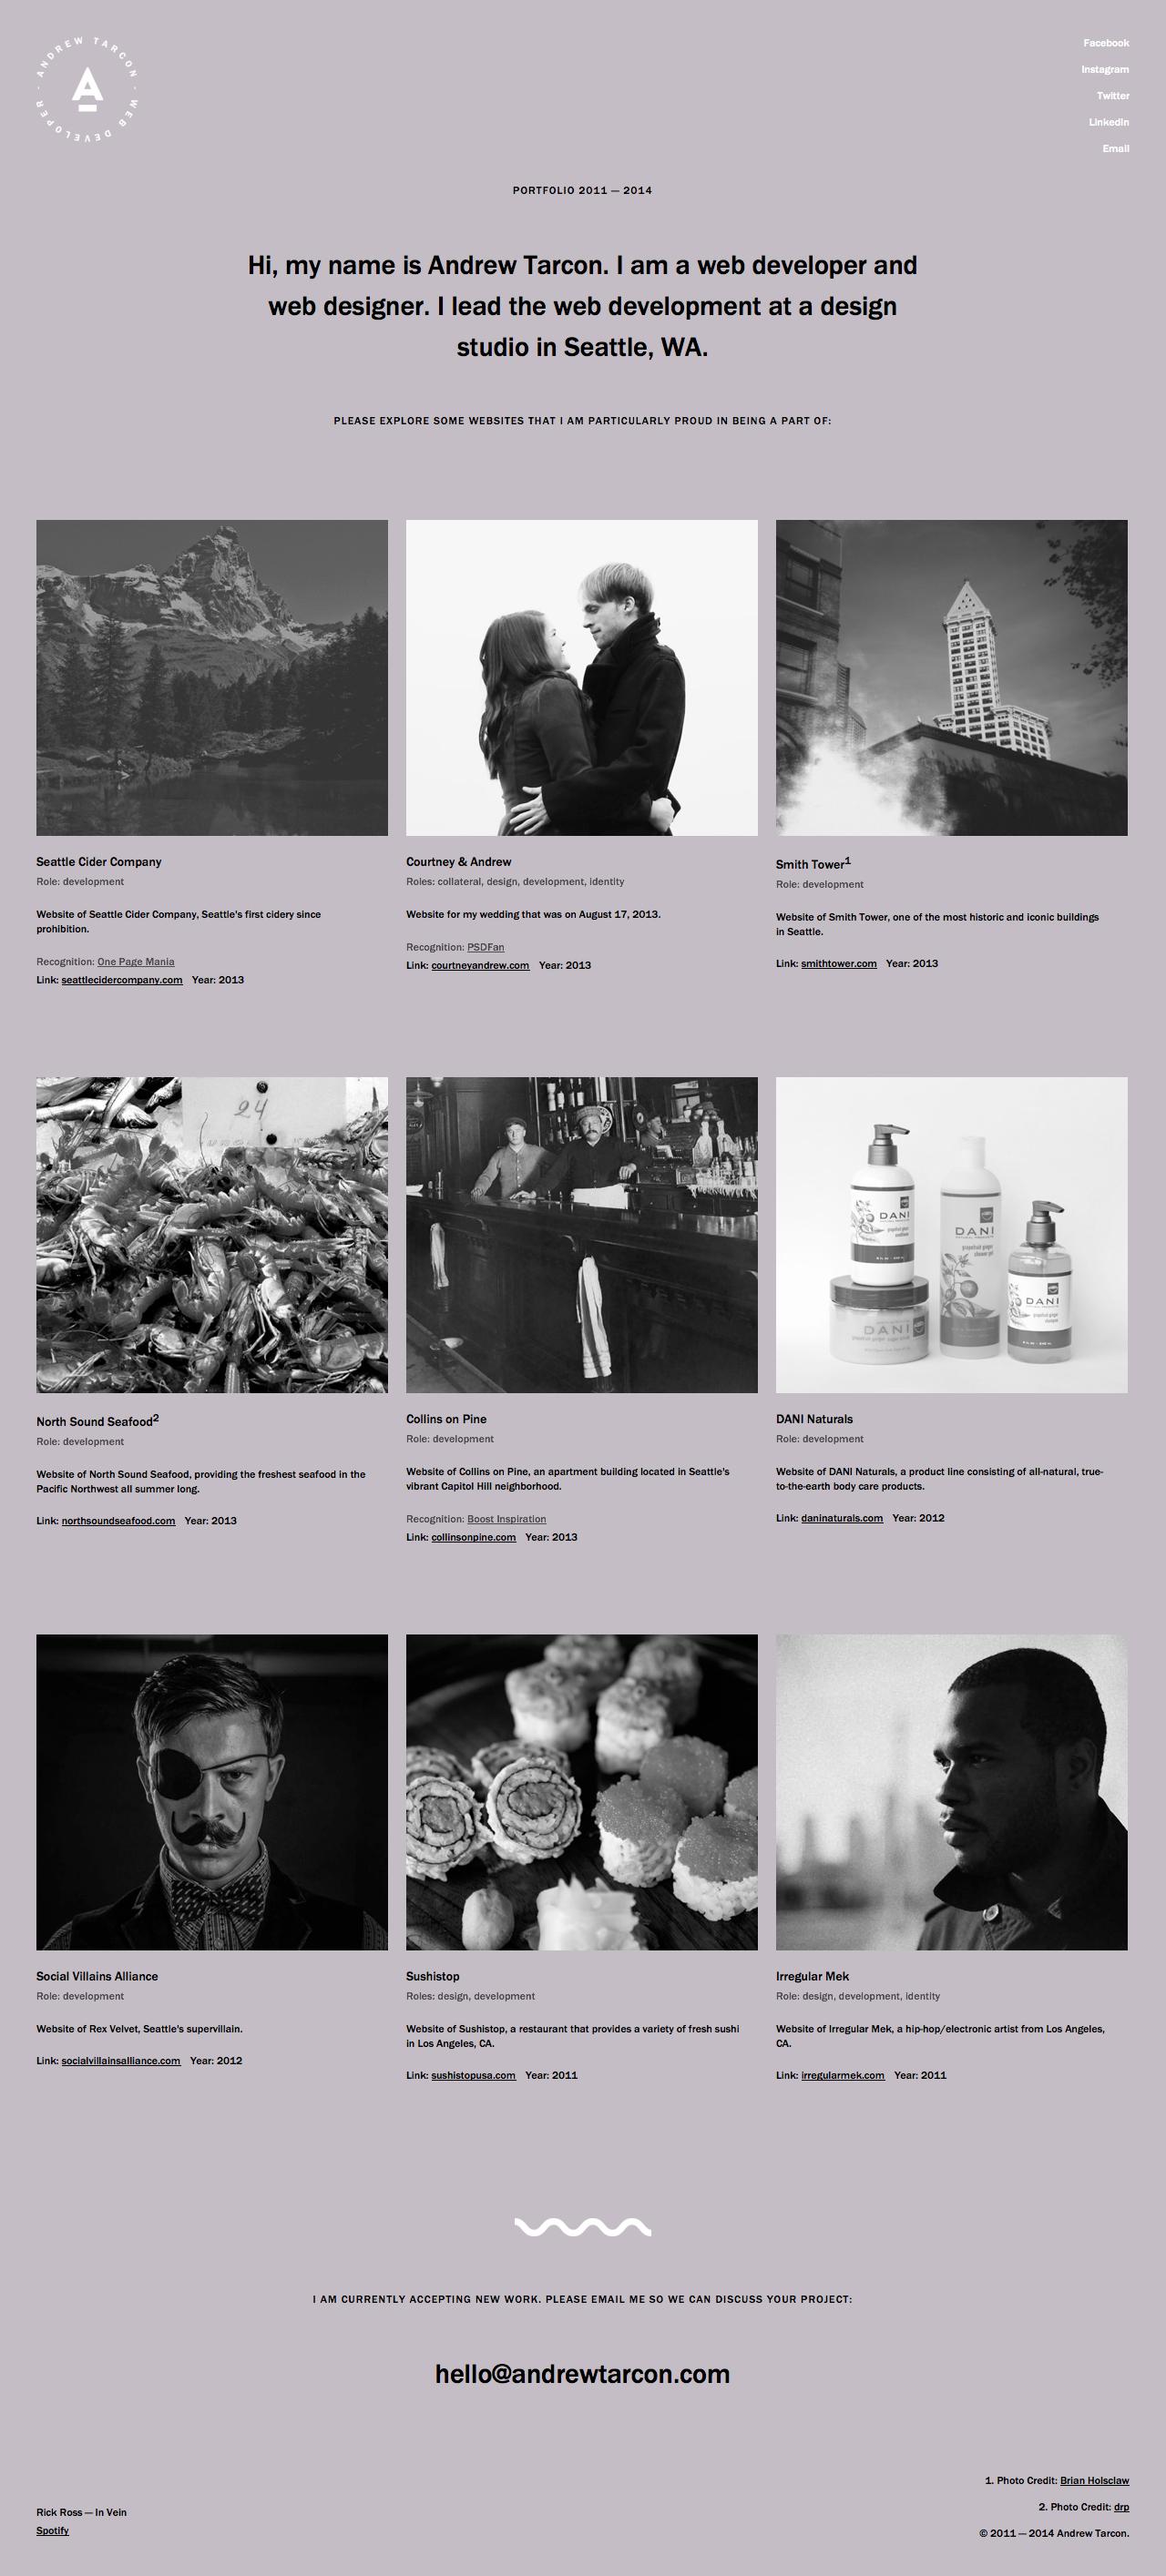 Andrew Tarcon Website Screenshot